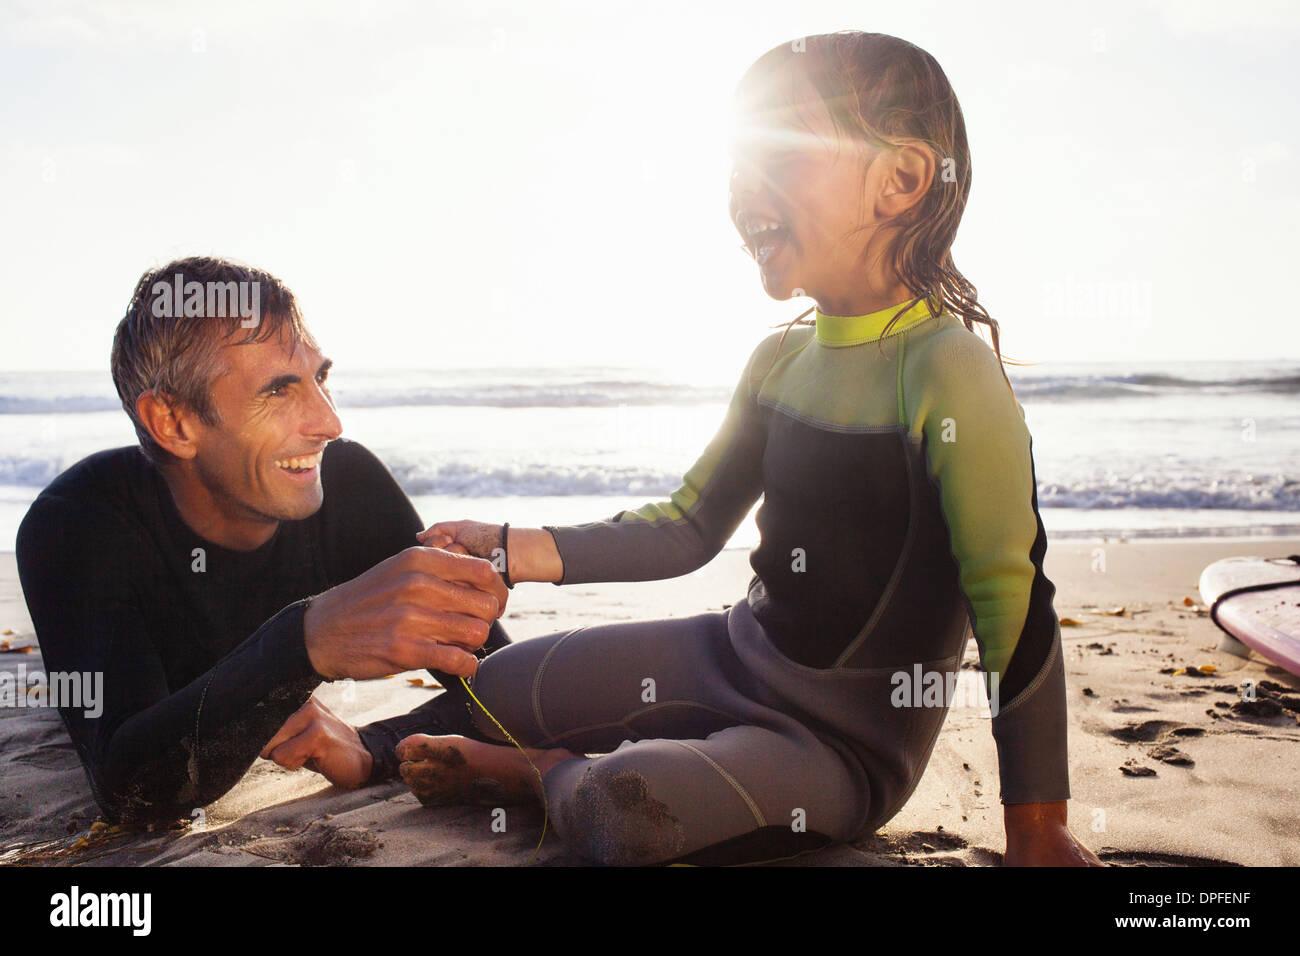 Padre e hija, tomados de las manos, sobre la playa, Encinitas, California, EE.UU. Imagen De Stock